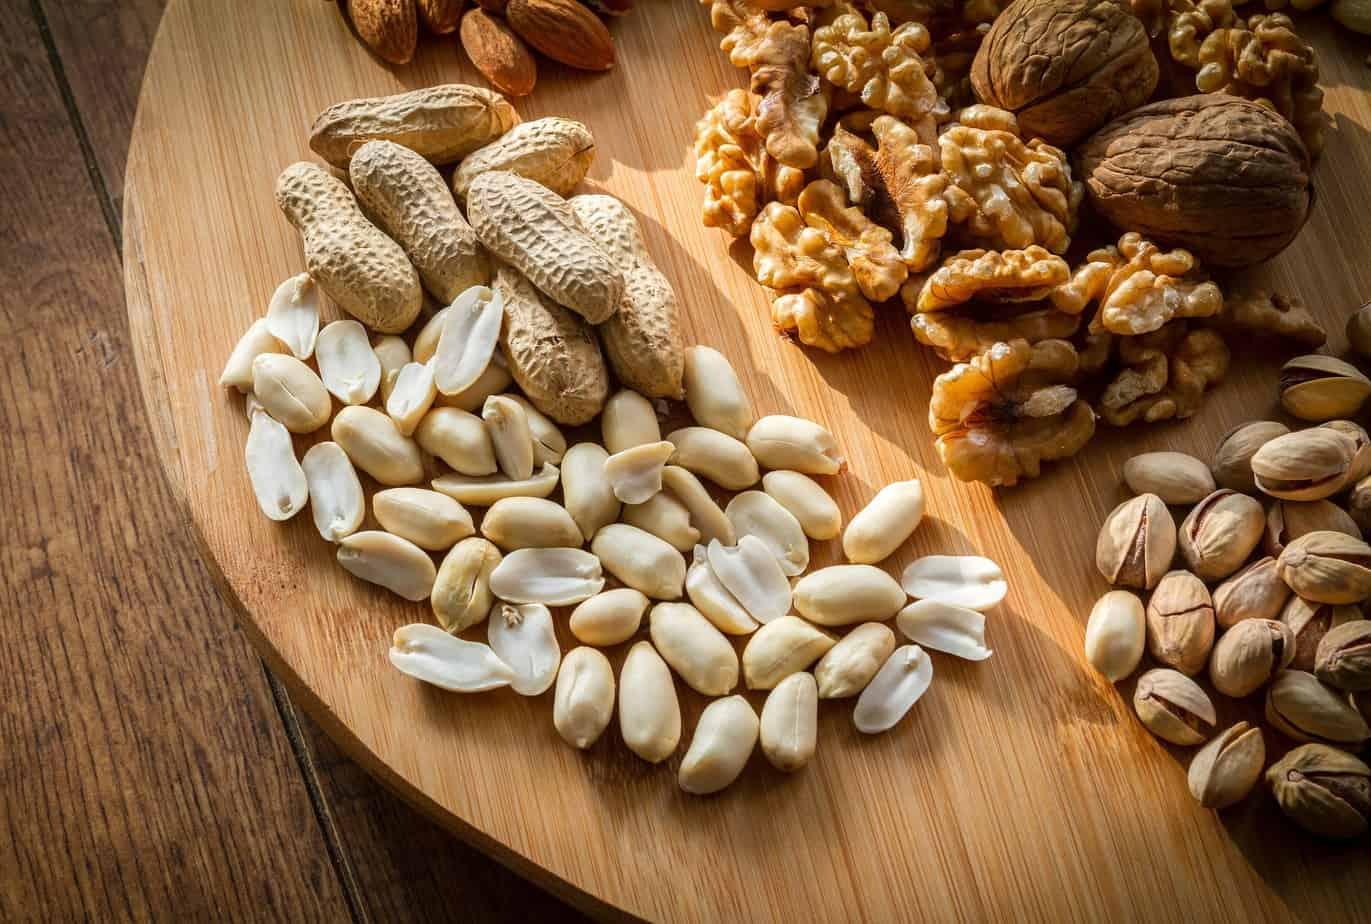 Rohkost schmeckt lecker und ist optimal für die gesunde Ernährung